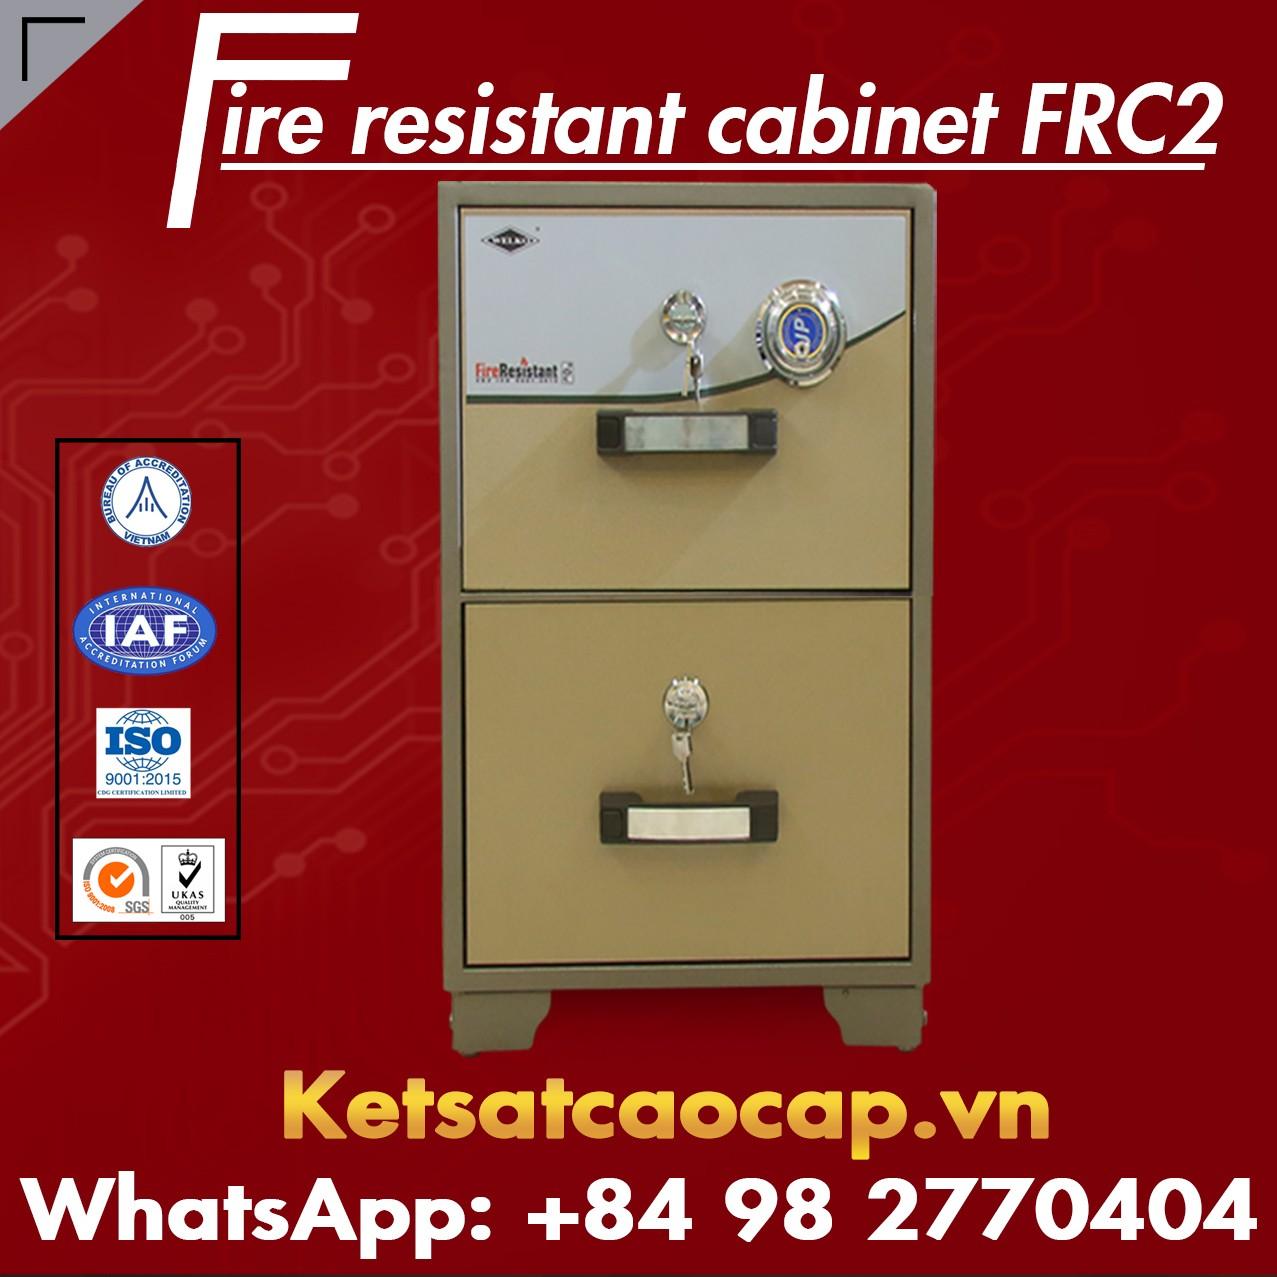 Tủ Hồ Sơ Chống Cháy FRC2 Brown Đạt Tiêu Chuẩn Quốc Tế